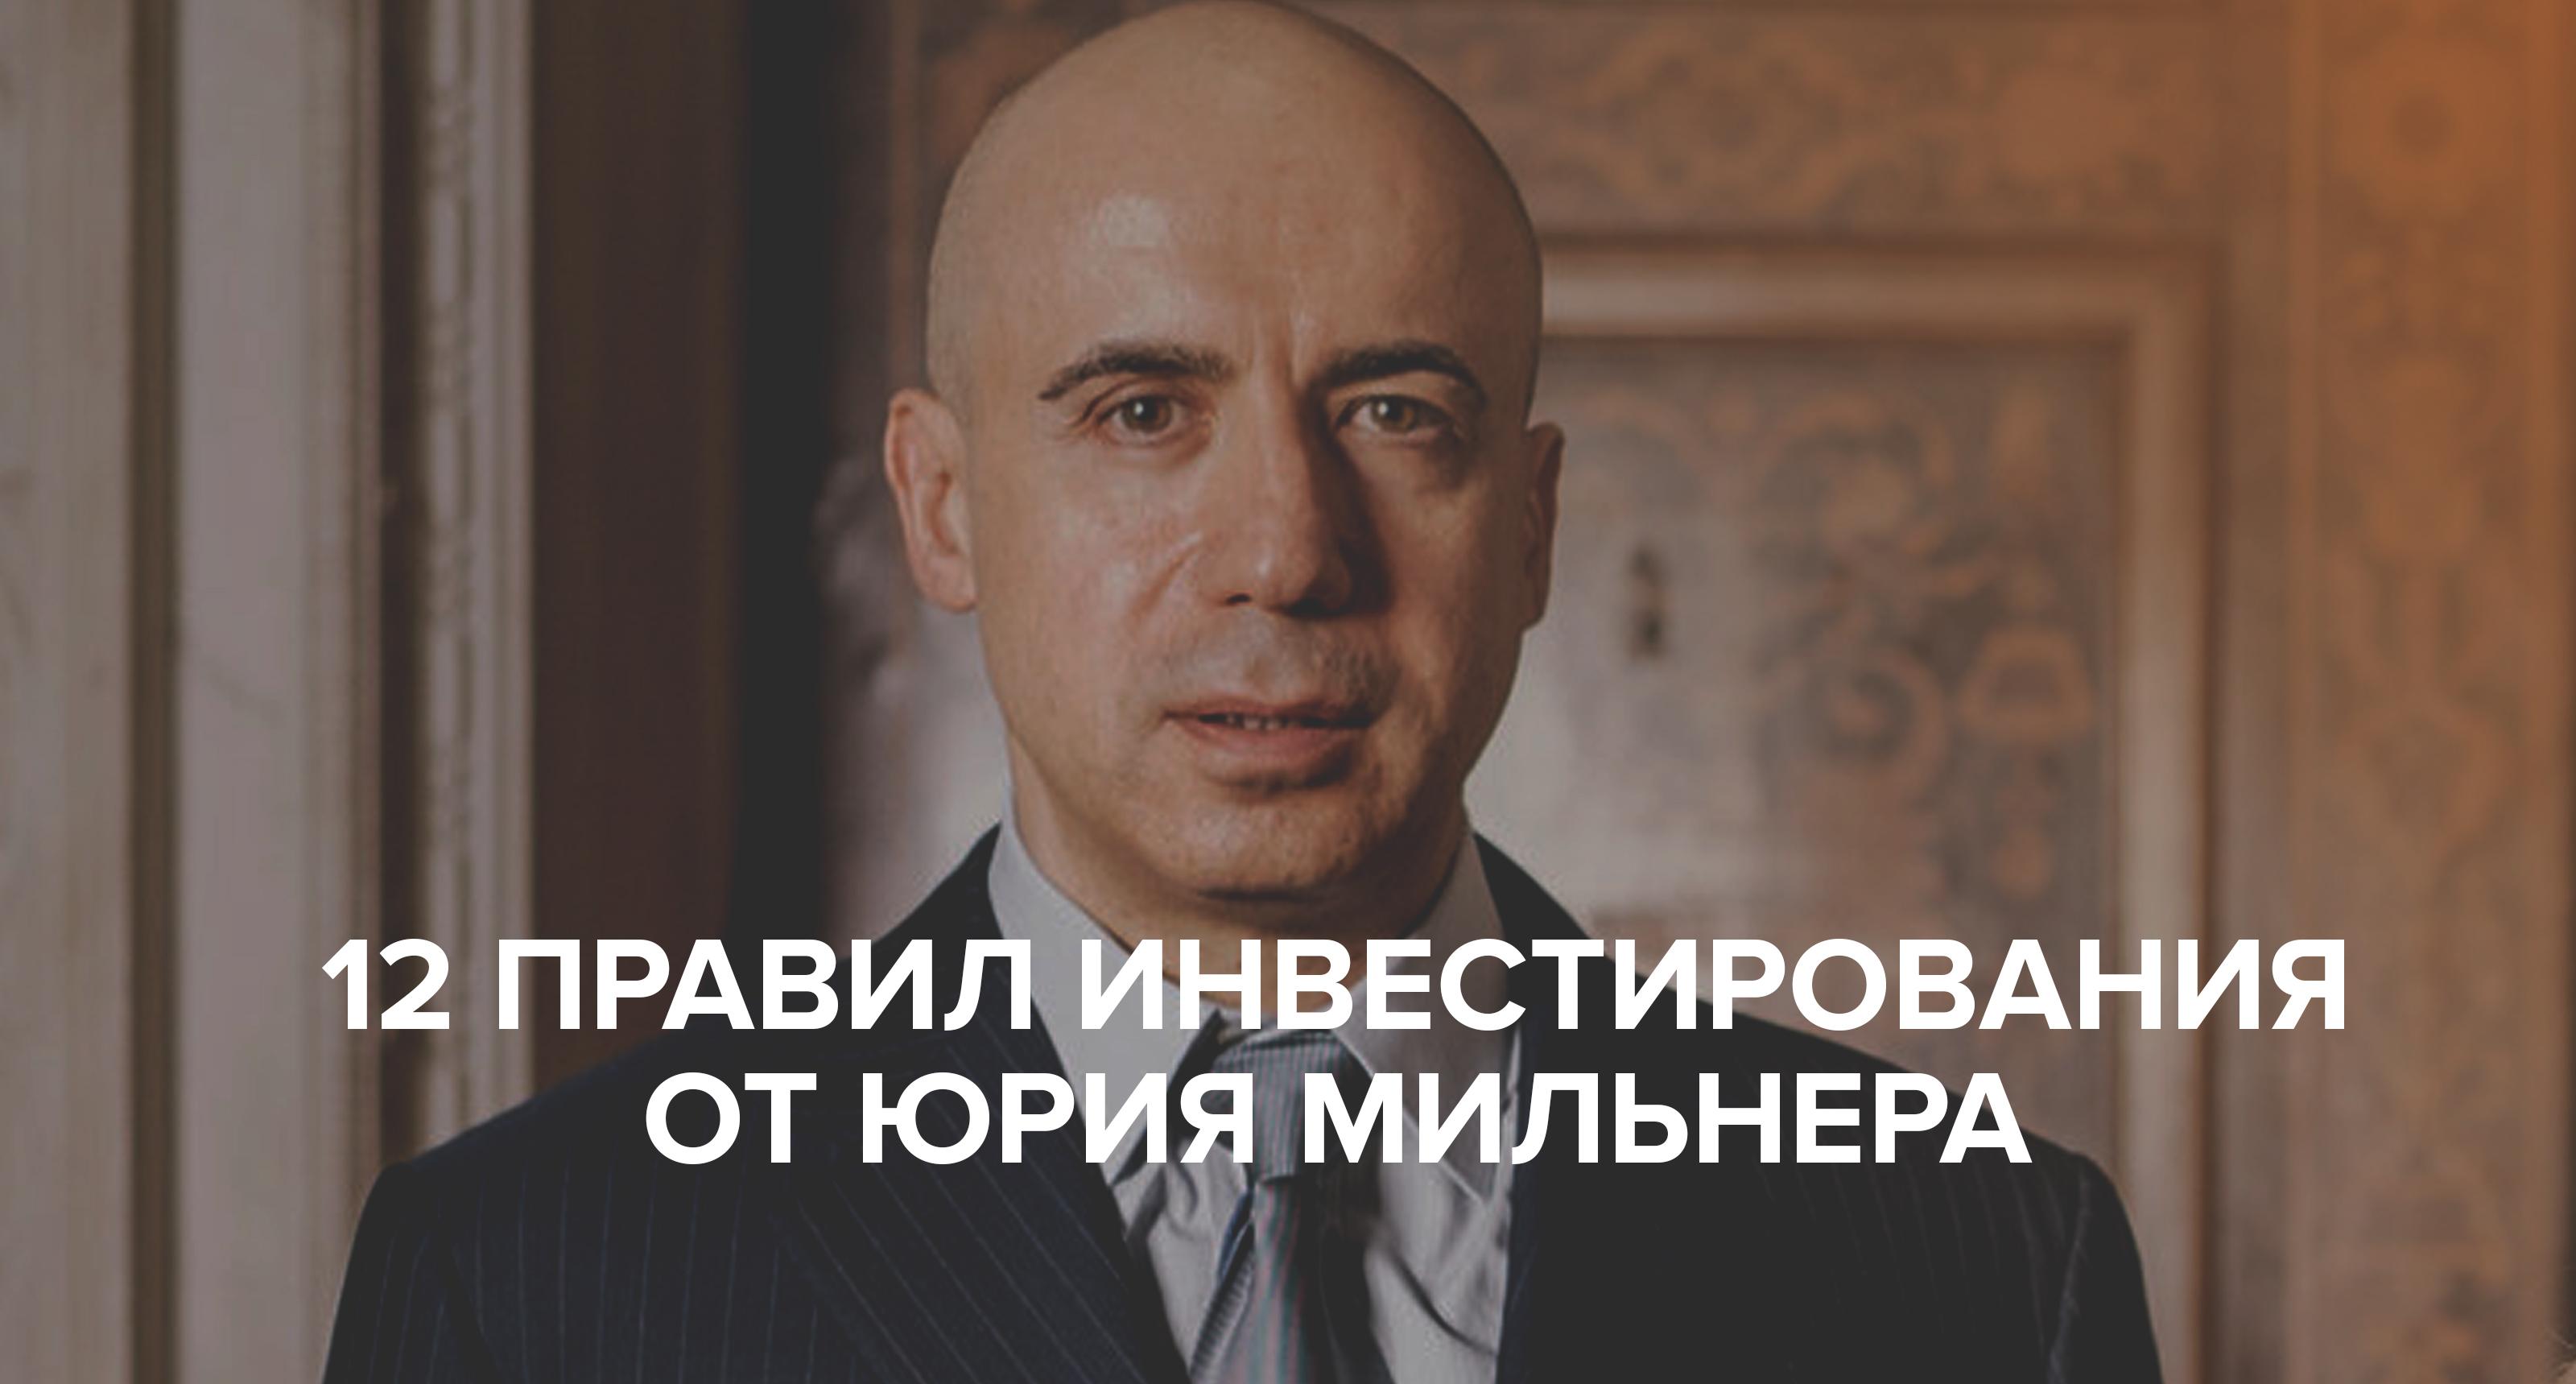 12 правил инвестирования от Юрия Мильнера